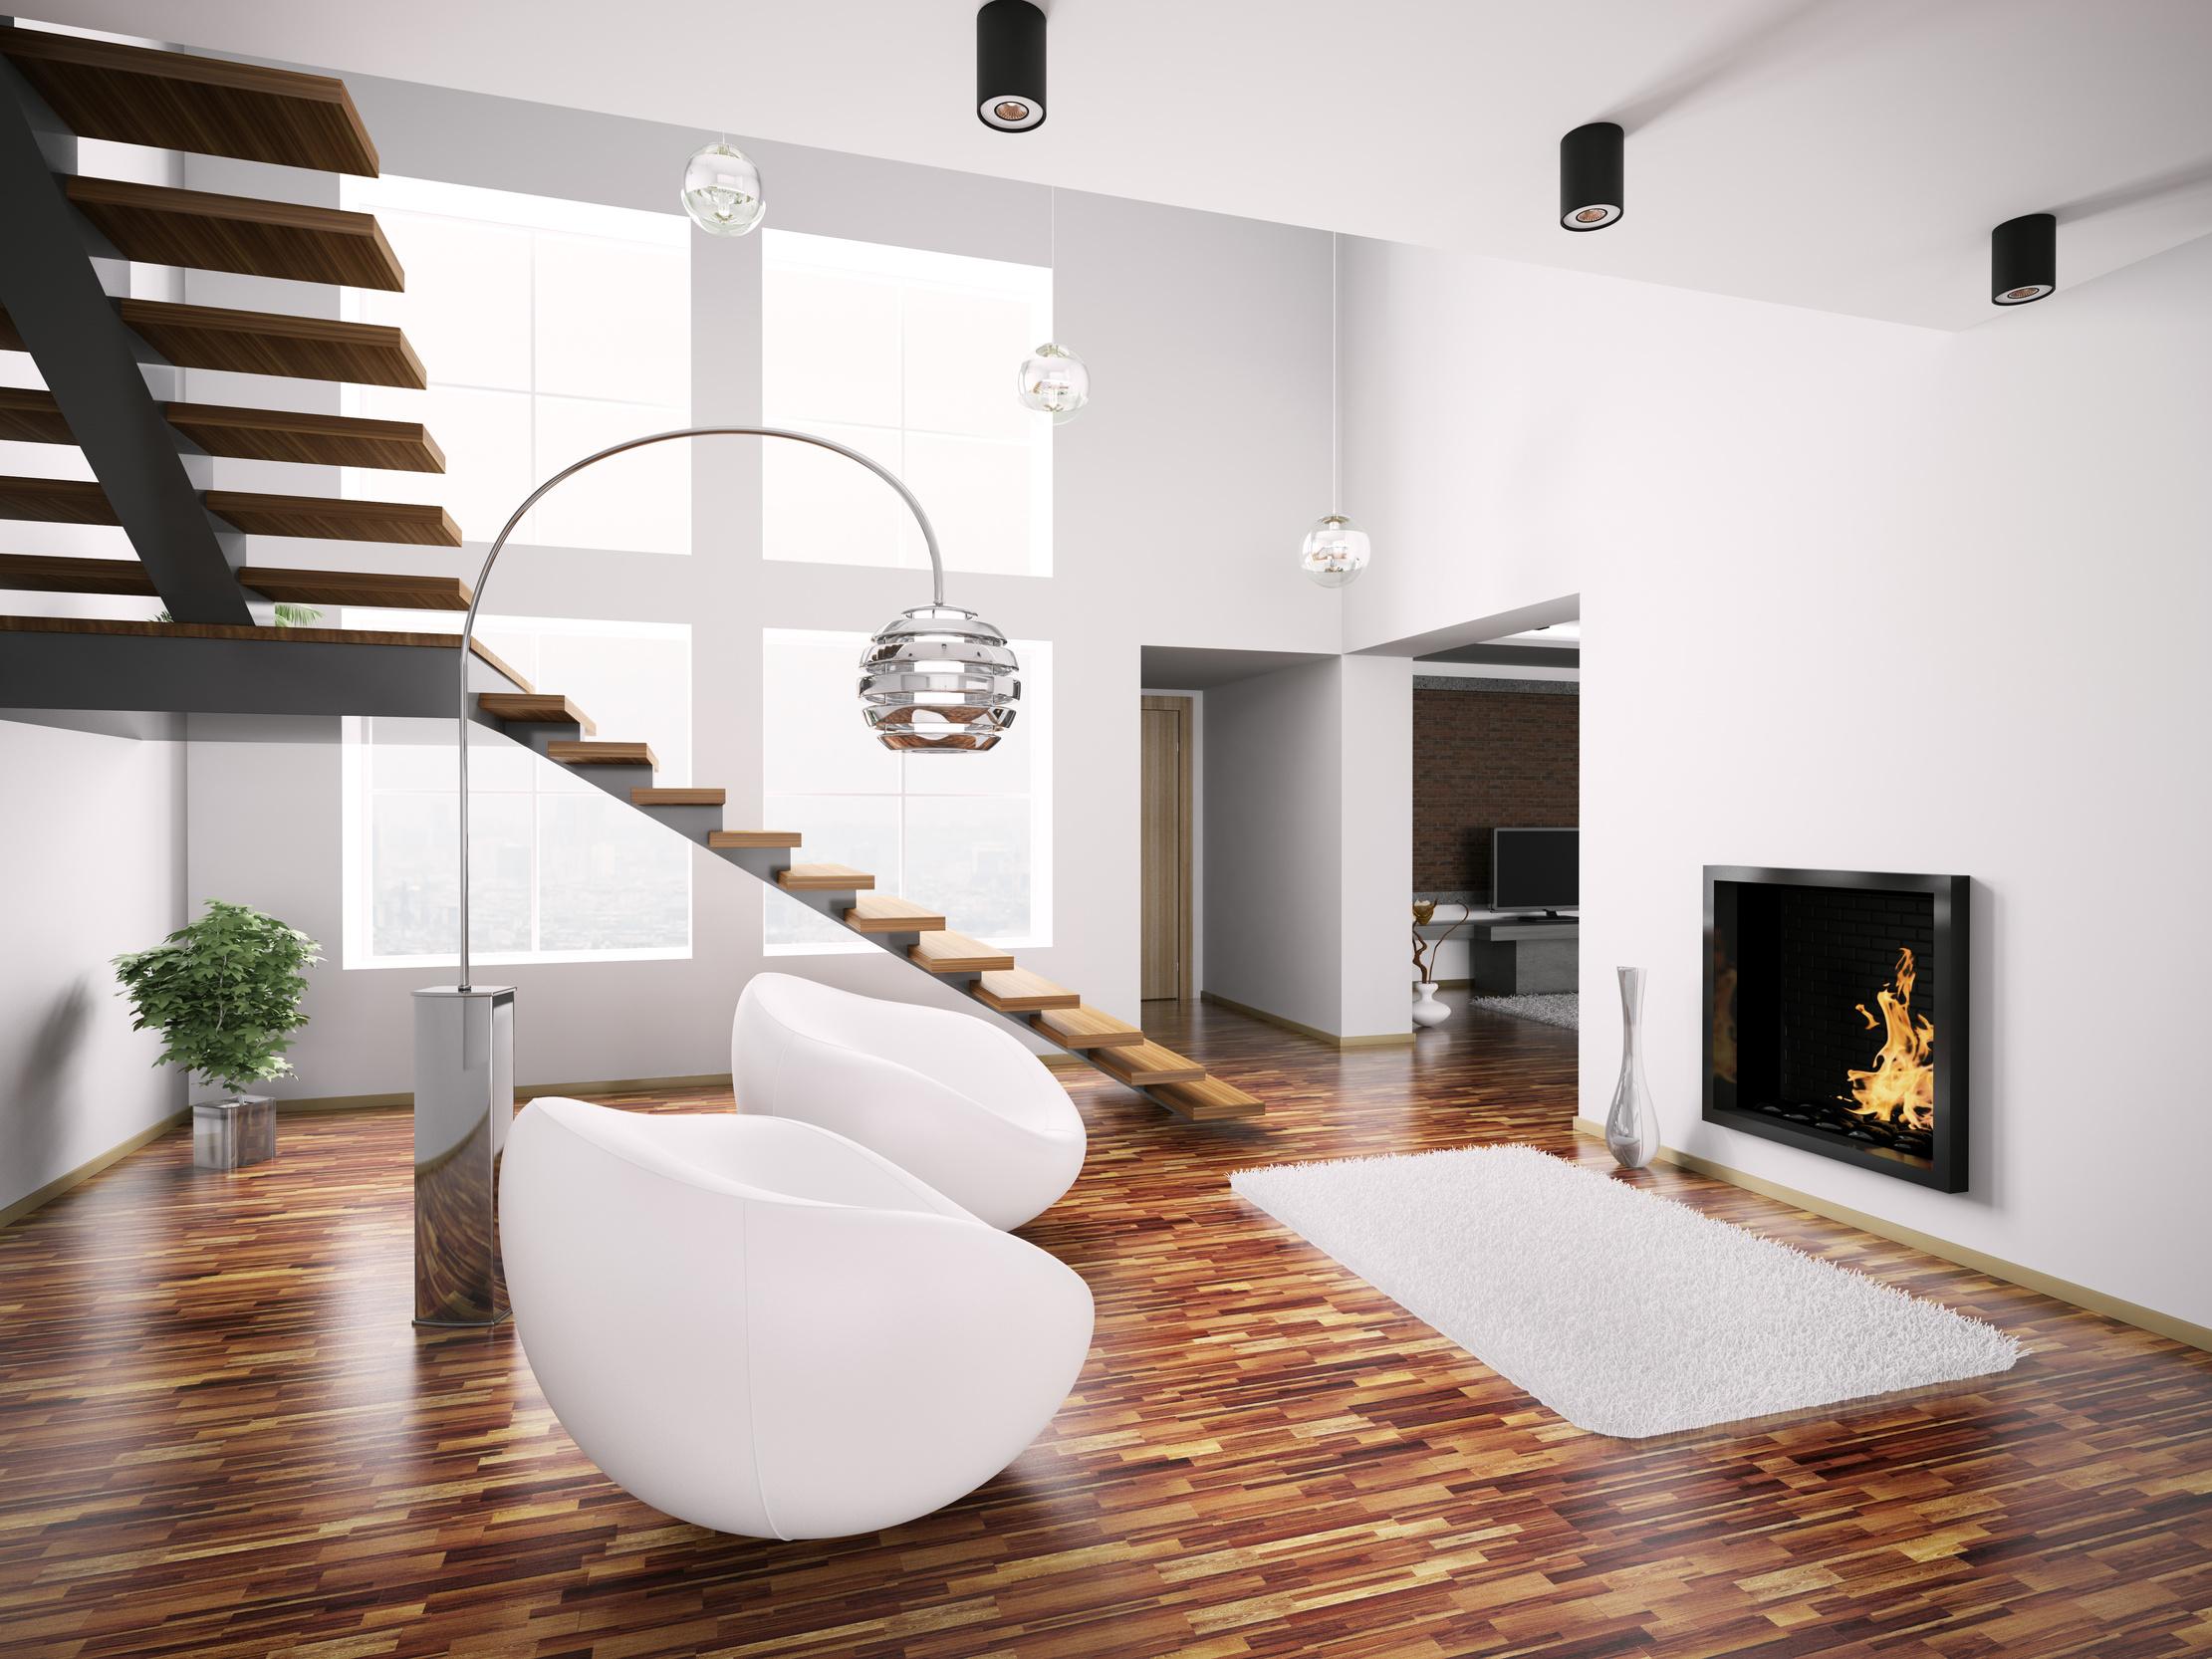 Kosten Badkamer Hypotheek : Home